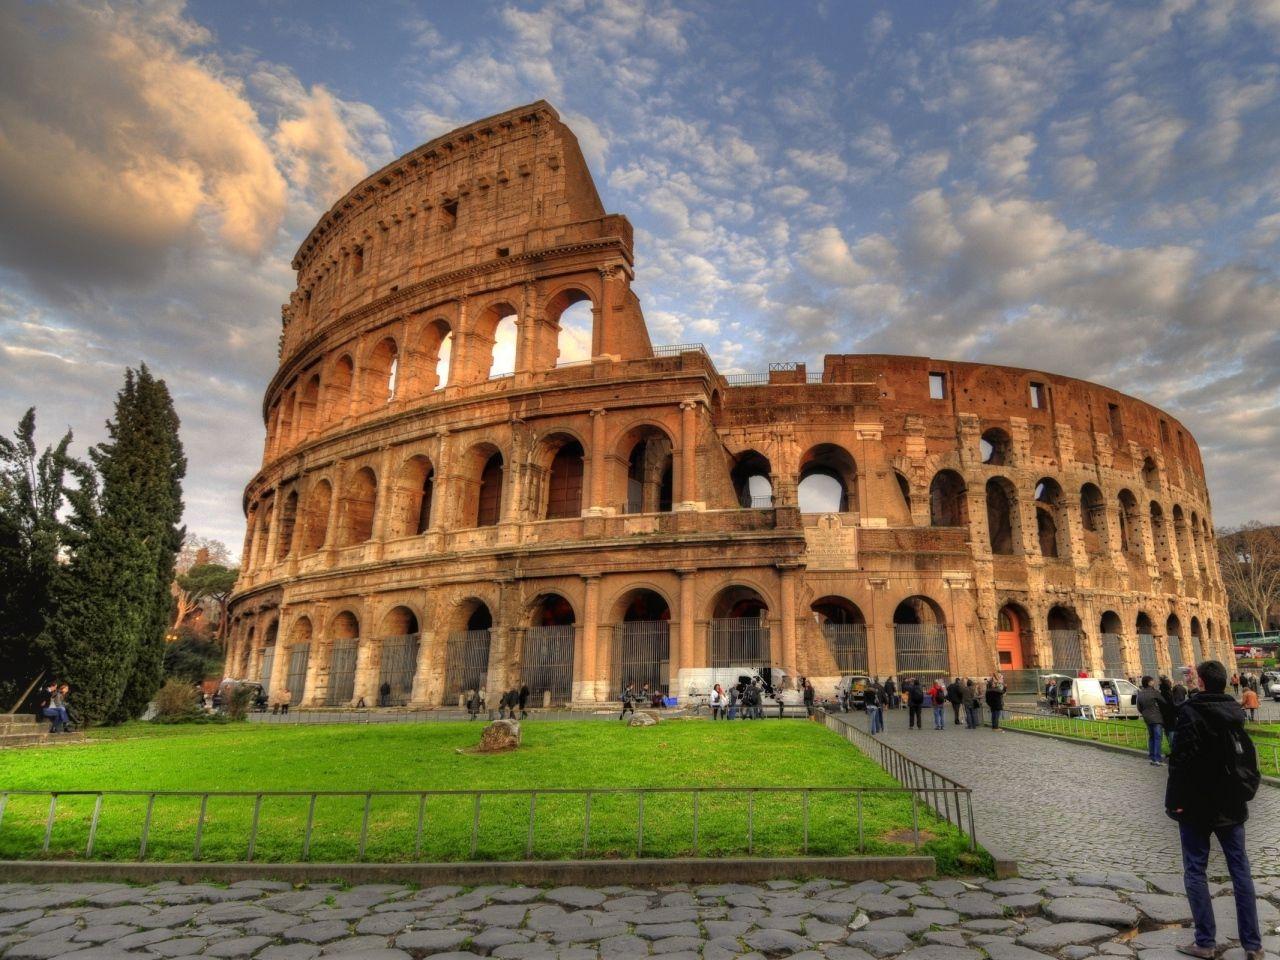 Fondos De Pantalla Ciudad: Fondos De Pantalla De Ciudades De Italia Para Fondo